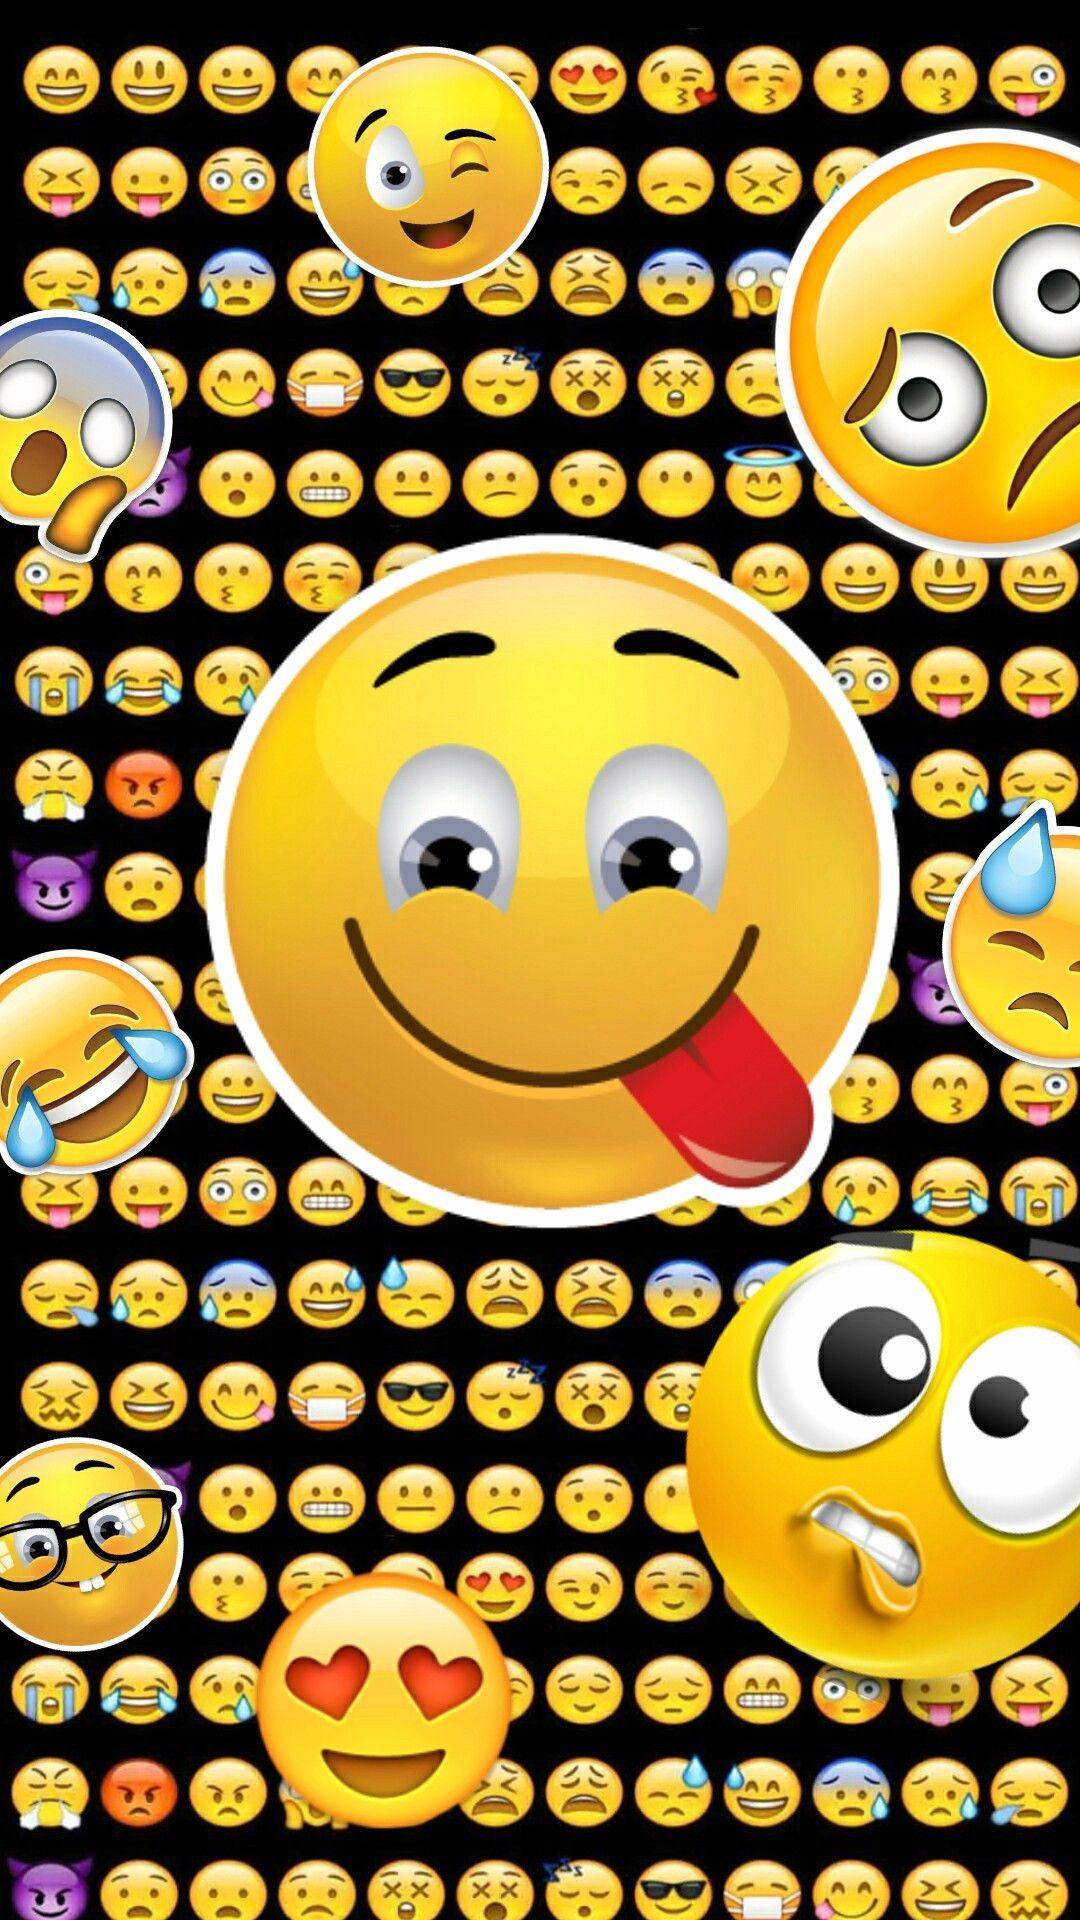 Emoji Wallpaper Background Hupages Download Iphone Wallpapers Emoji Wallpaper Iphone Emoji Wallpaper Emoji Backgrounds